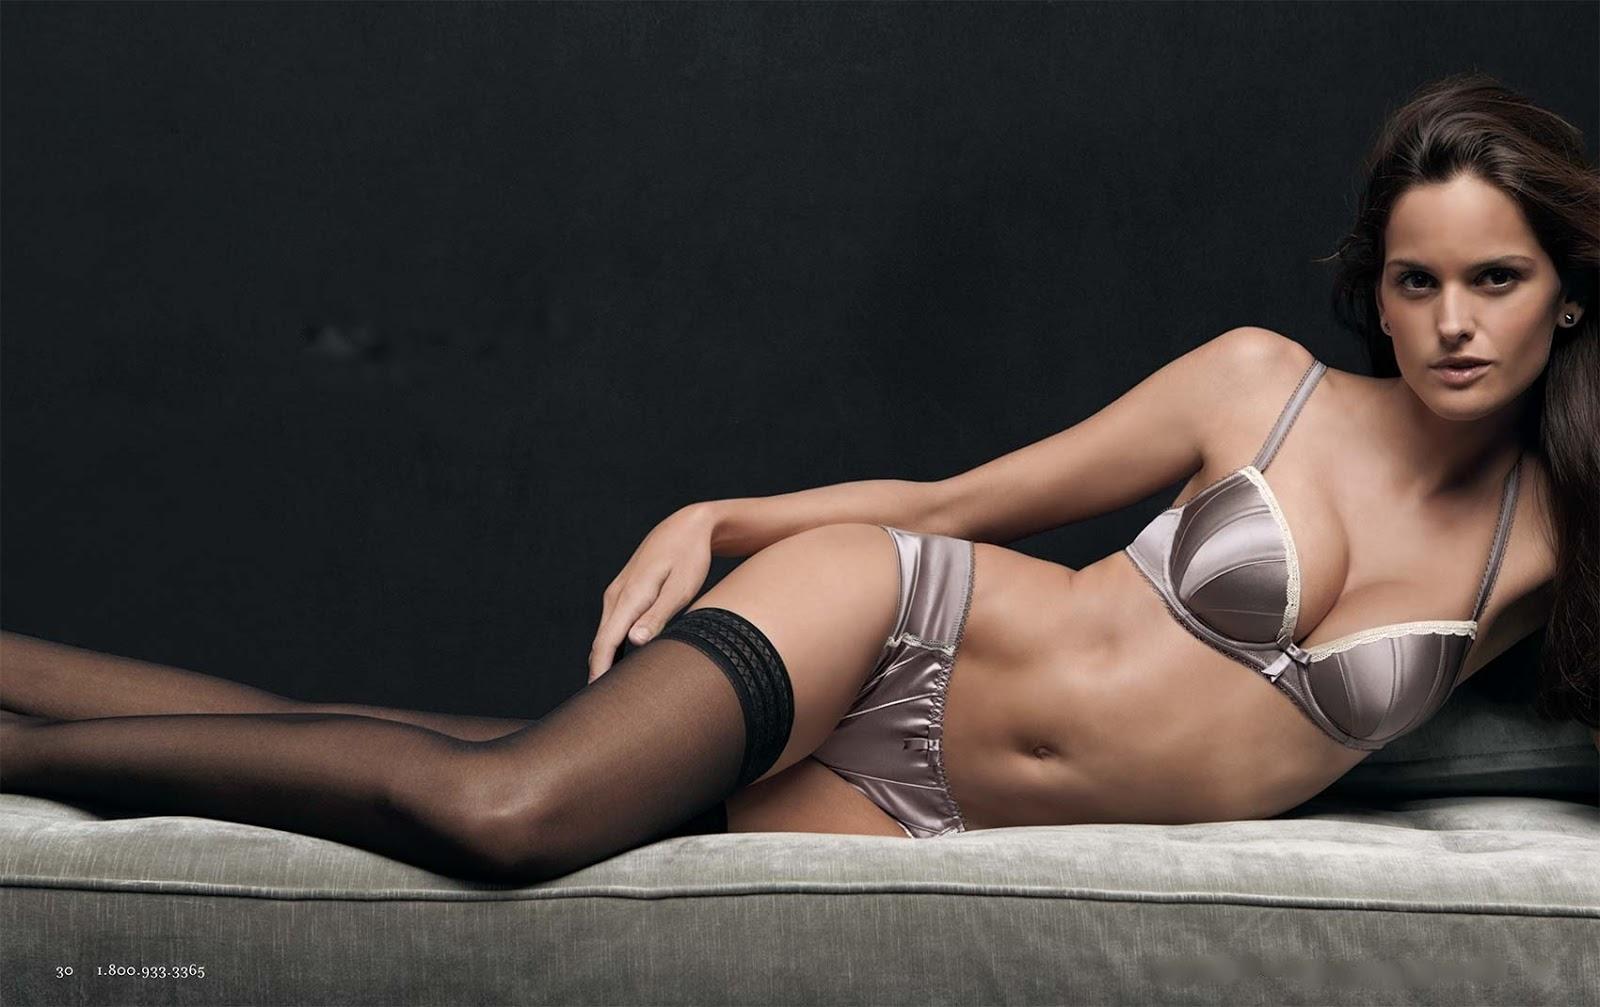 Izabel Goulart - Nordstrom Lingerie - Lingerie Models